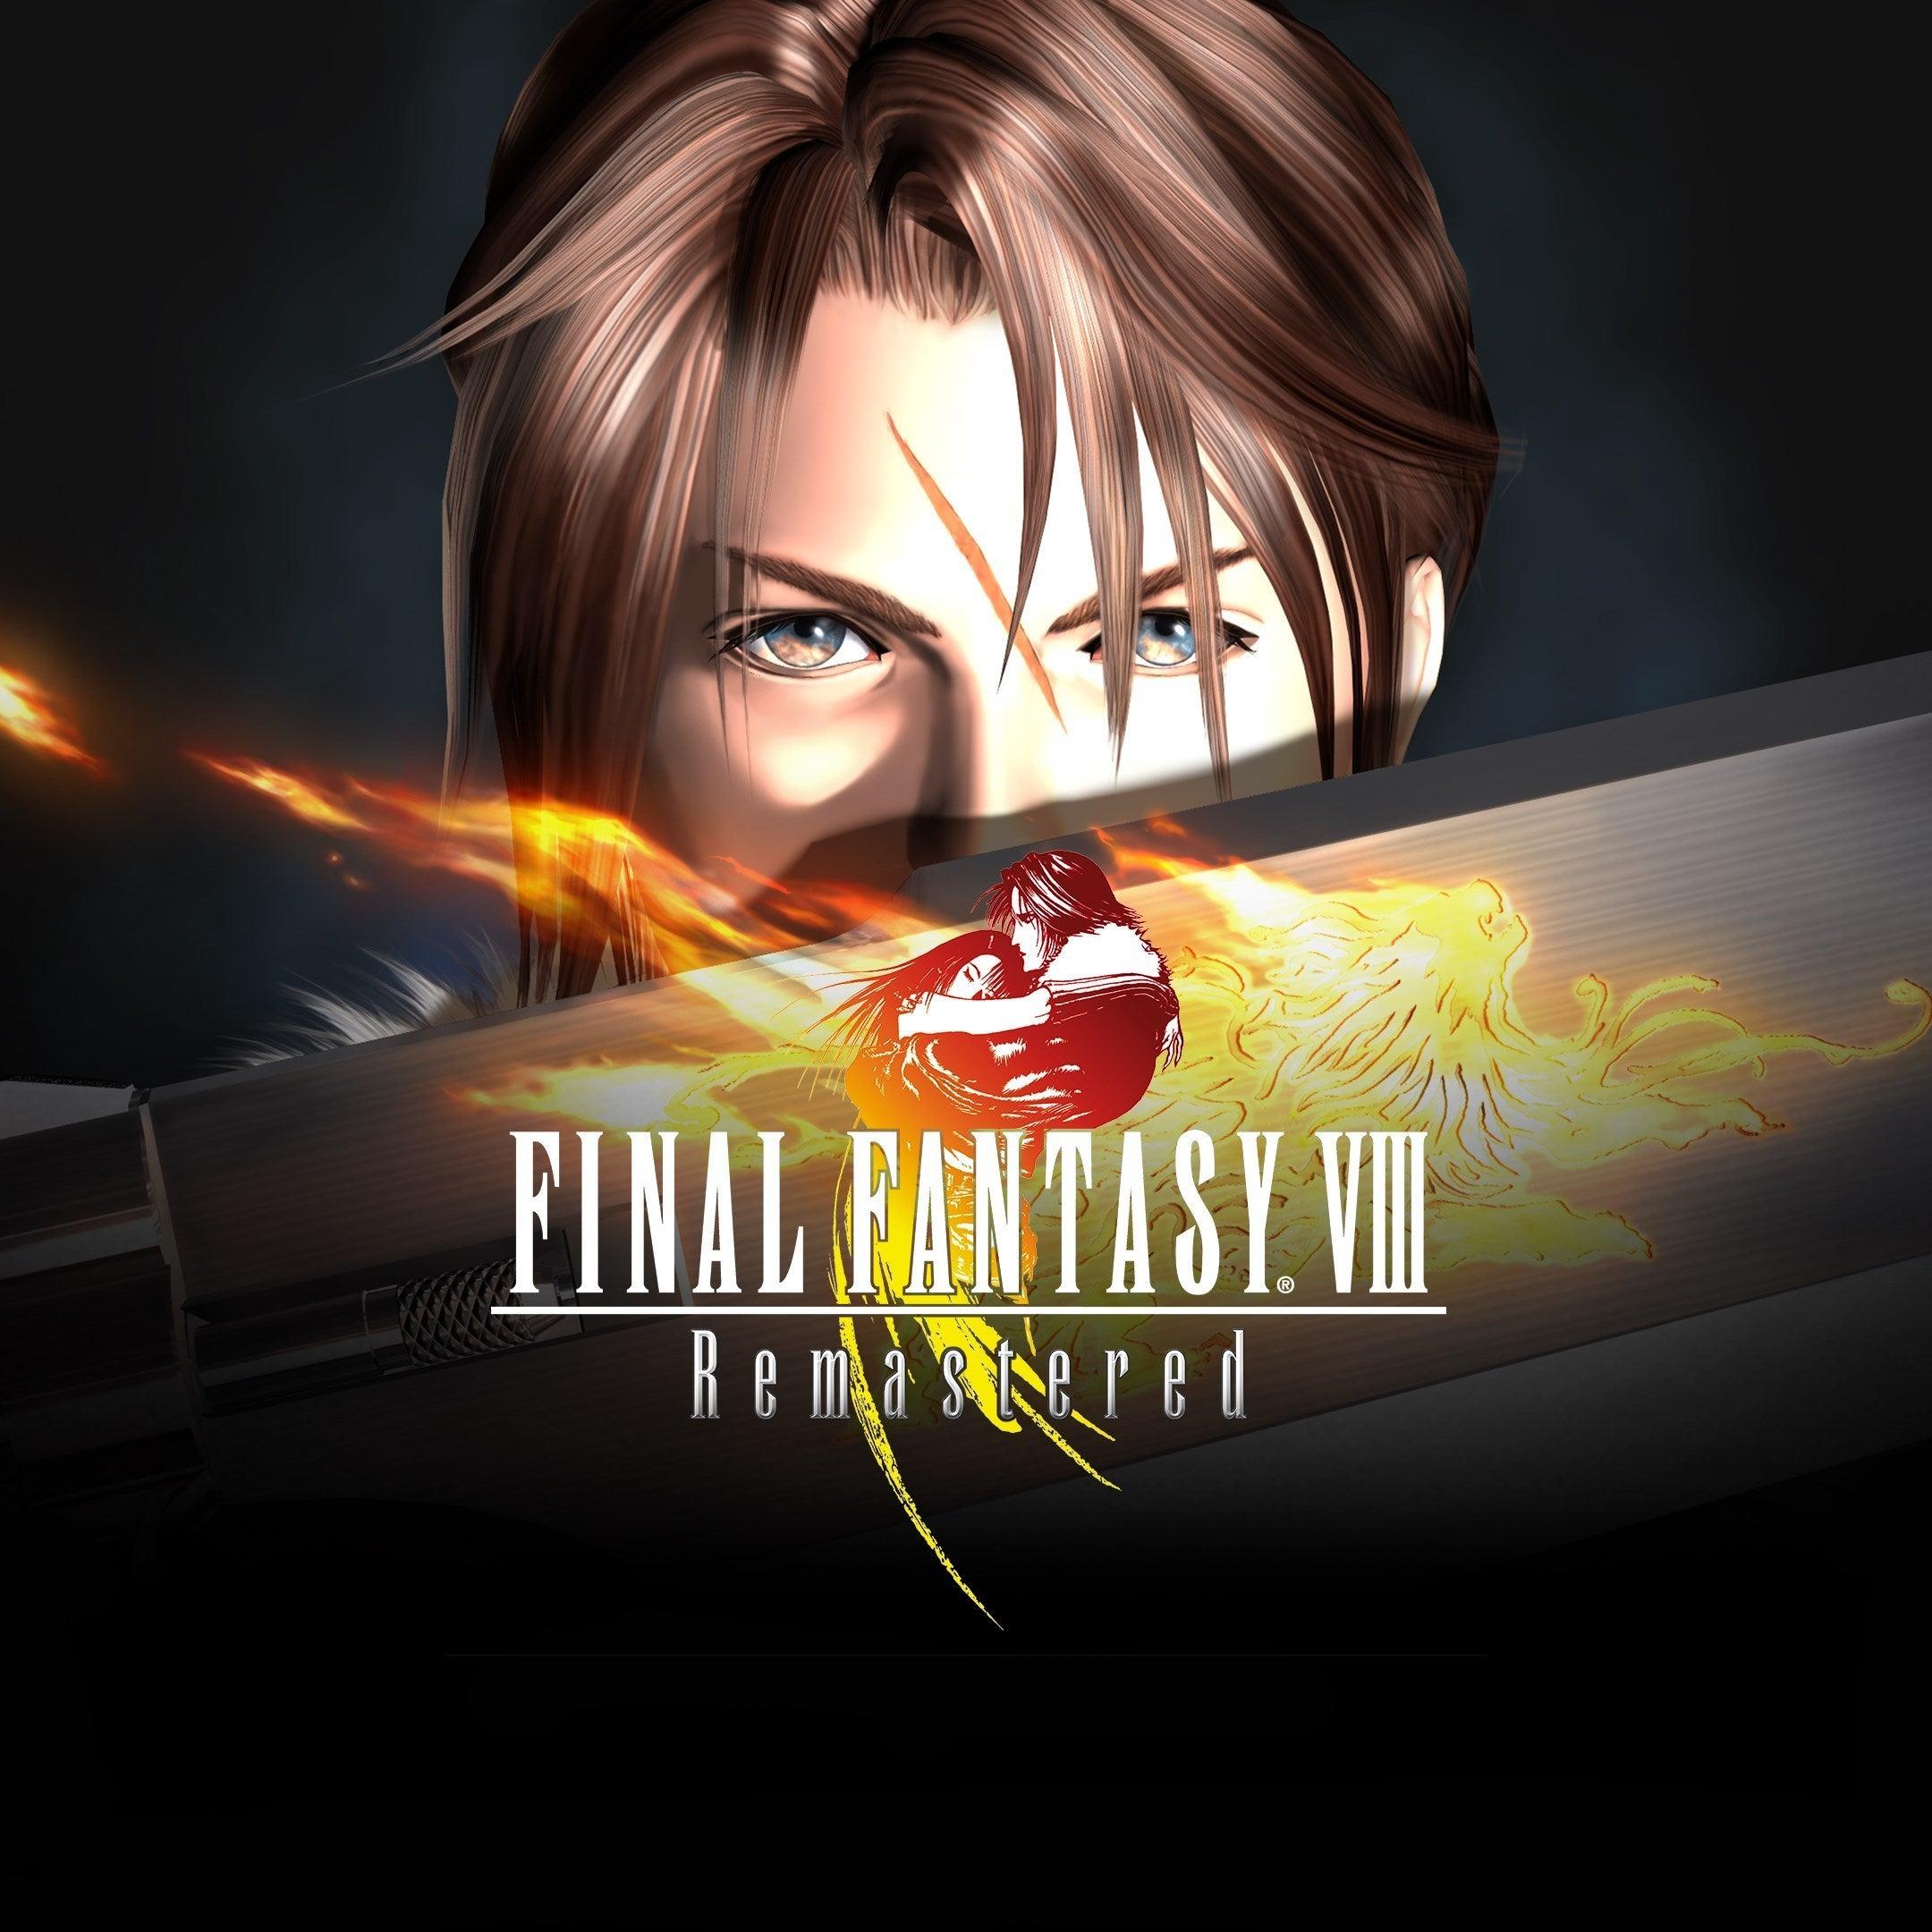 Final Fantasy VIII Remastered sur PS4 (dématérialisé)